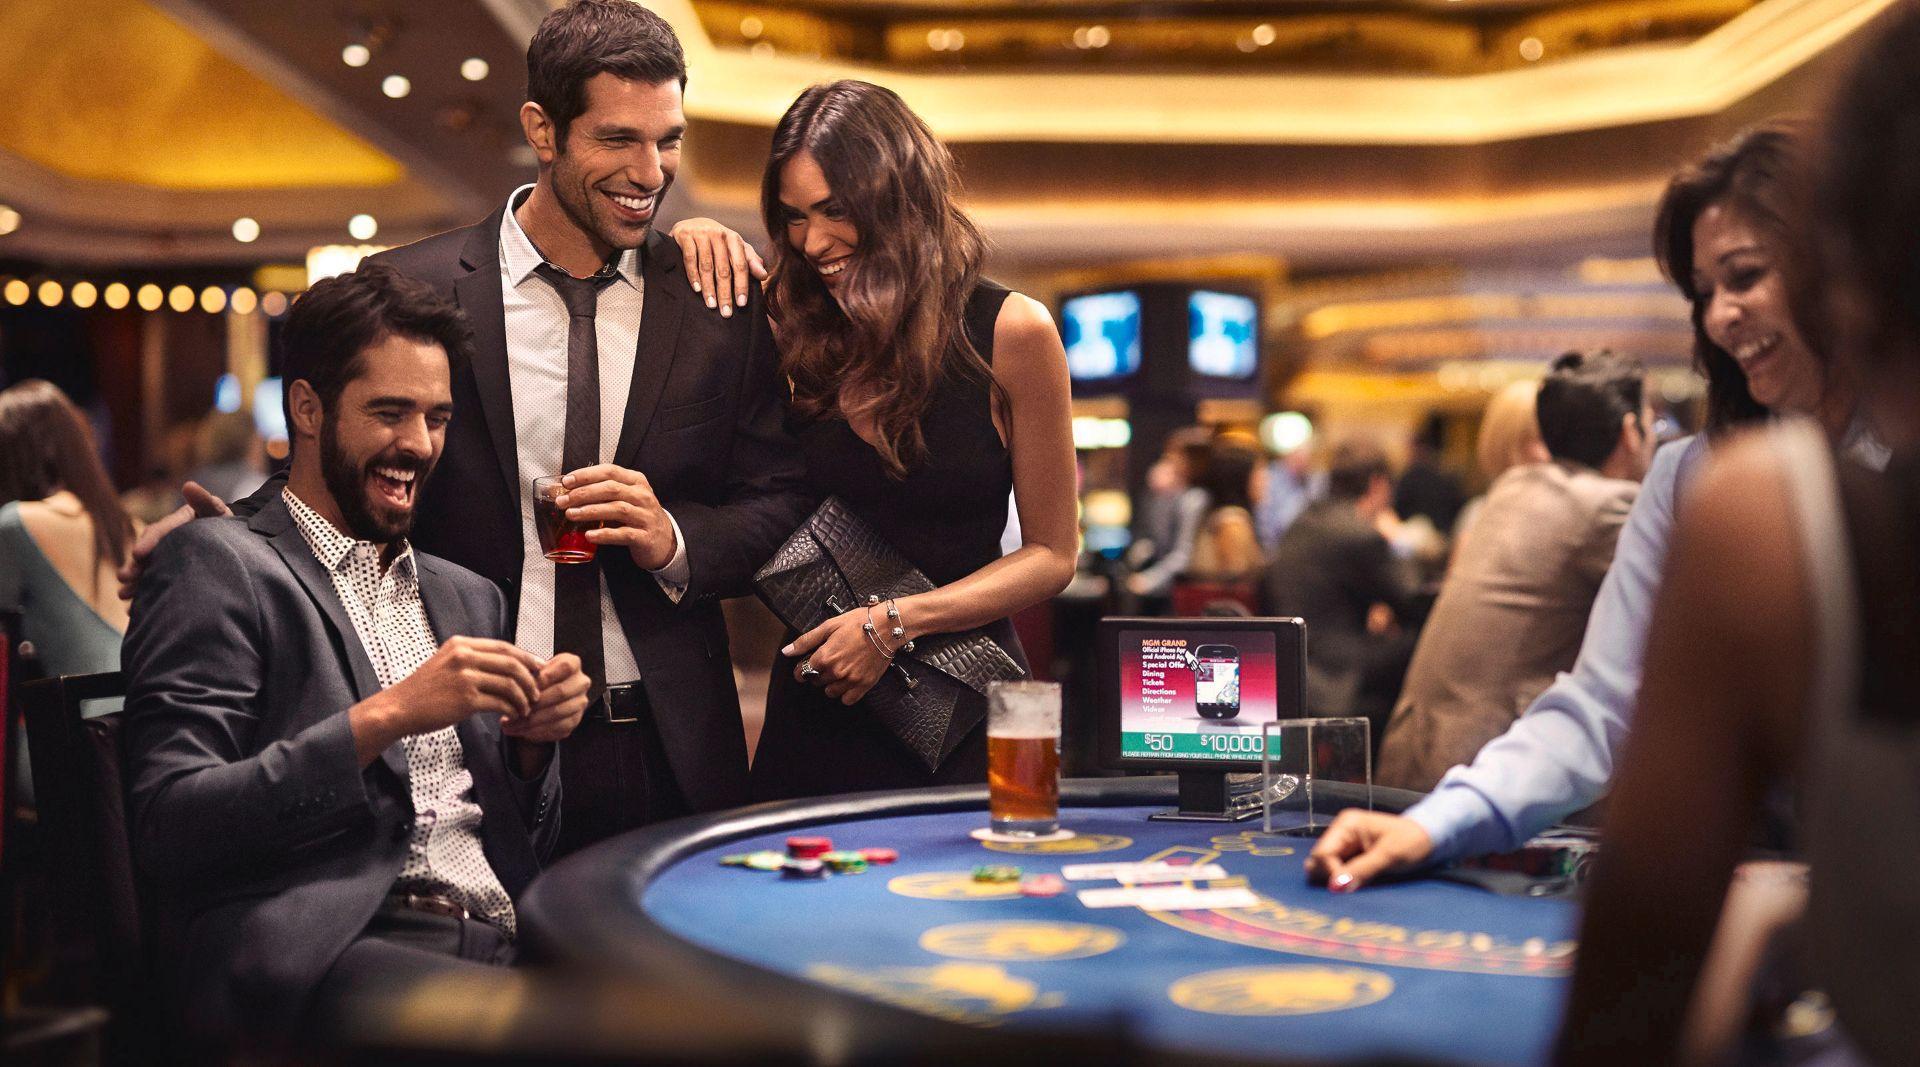 線上 真人百家樂, 真人賭場 有趣文章:請鬼開藥單,這是在 真人賭場 觀察了一個星期的心得